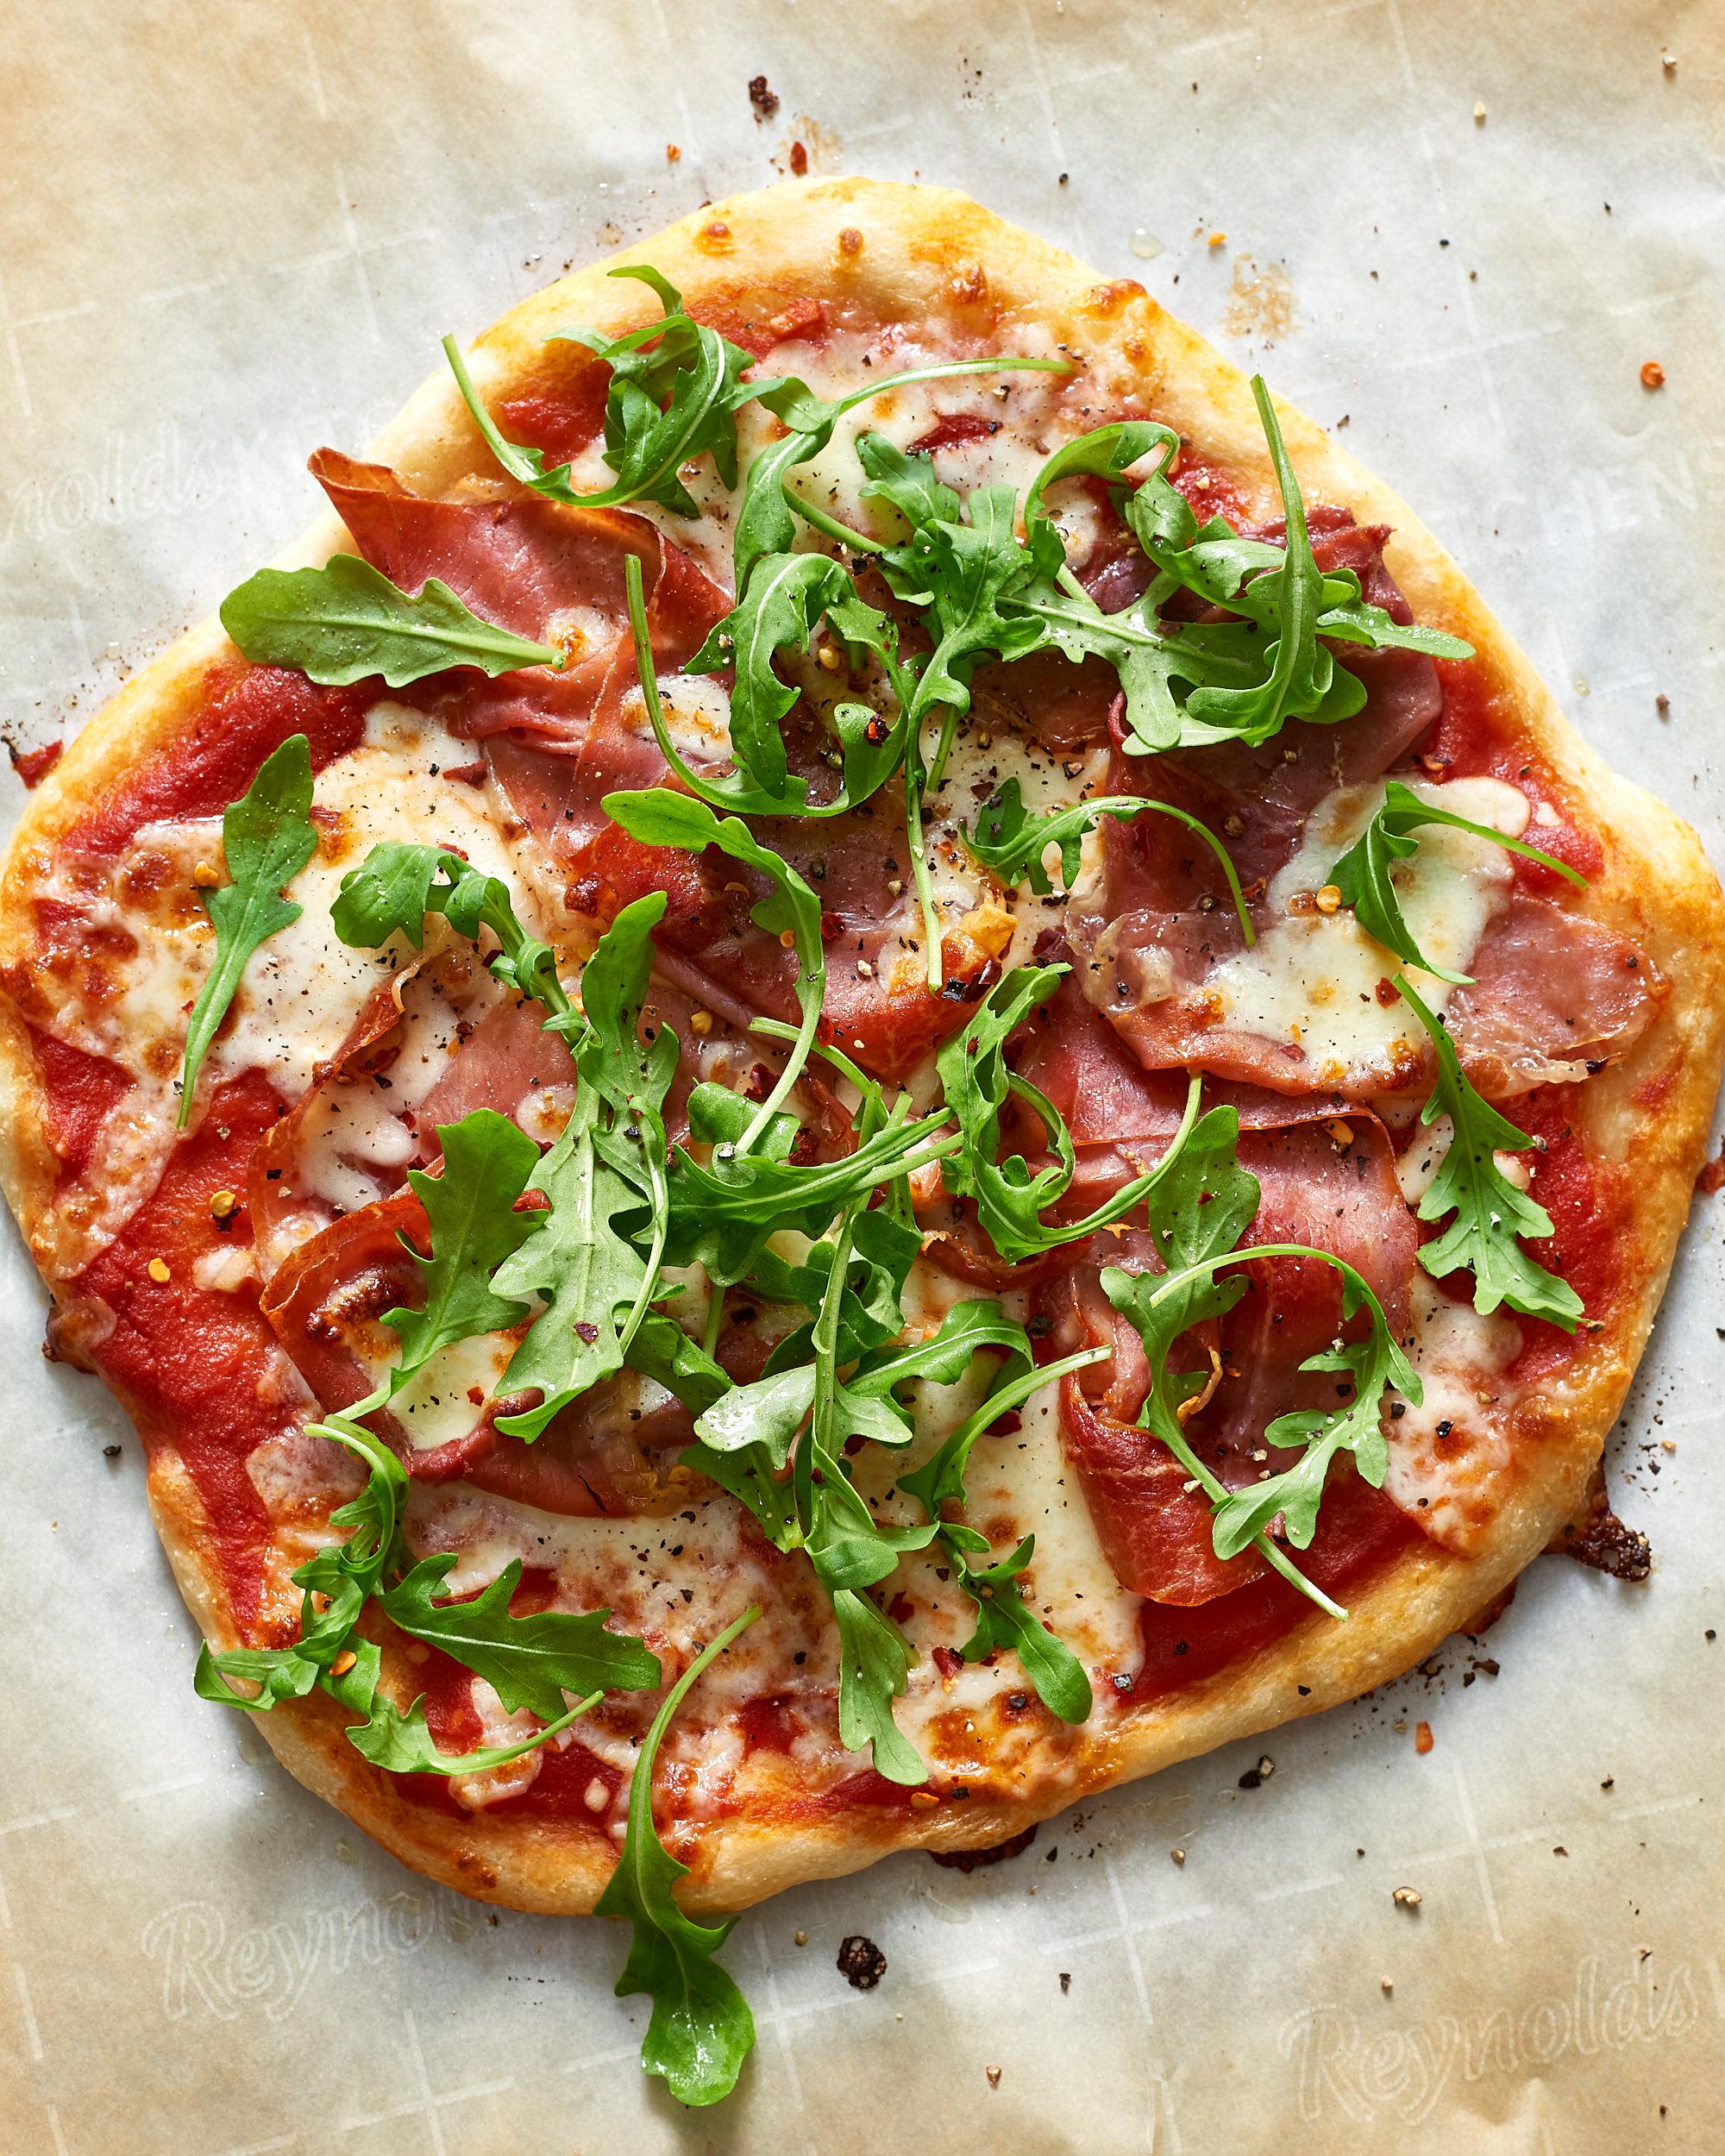 Prosciutto and Arugula Pizza | Kitchn